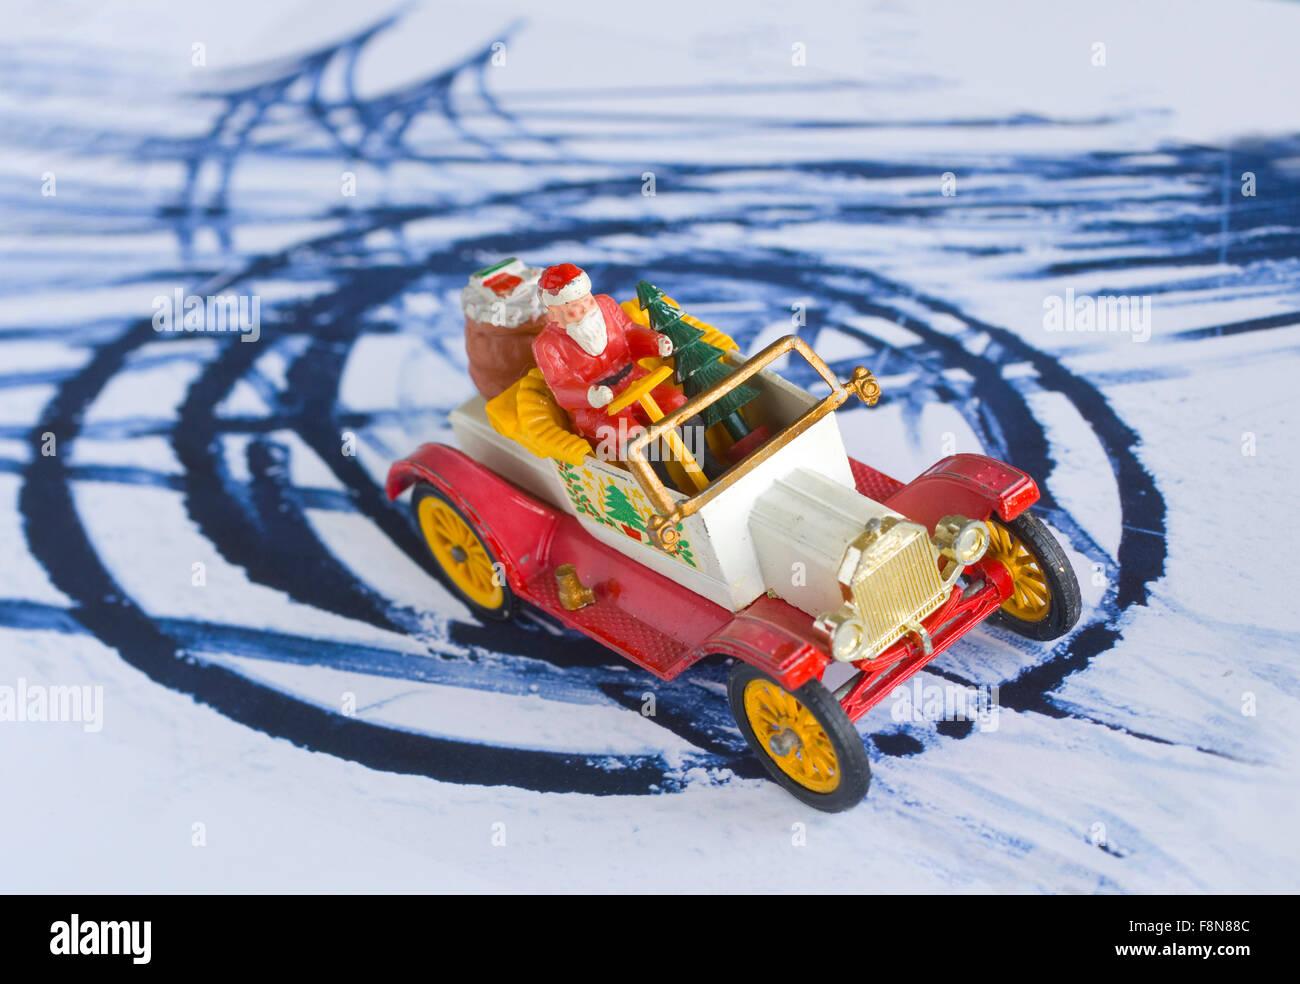 Christmas Card, Joke, 'Corny cards' - Stock Image